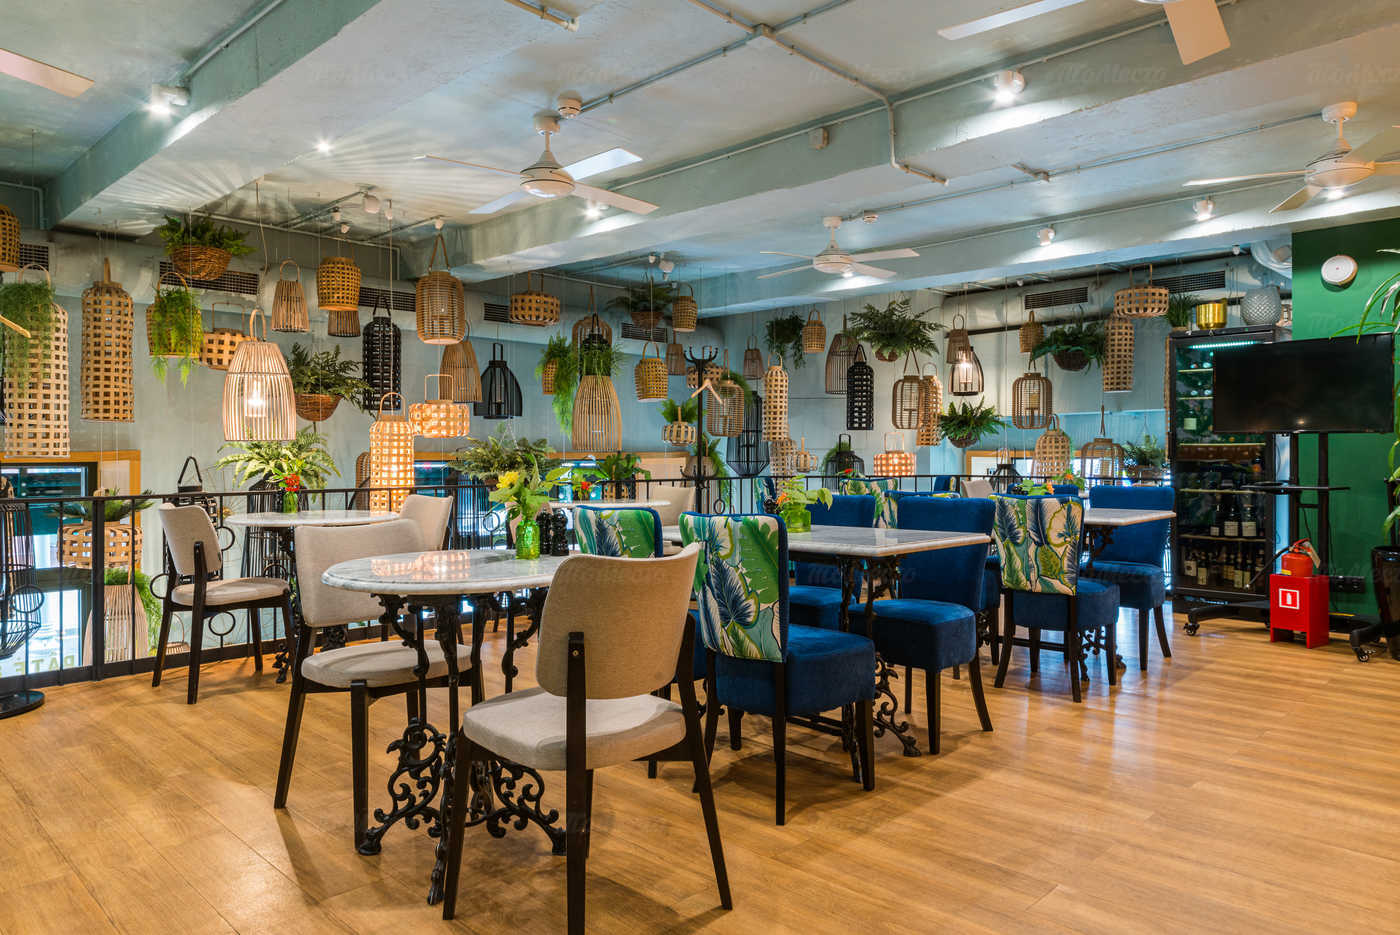 Ресторан Pate & Co на улице Балчуг фото 4